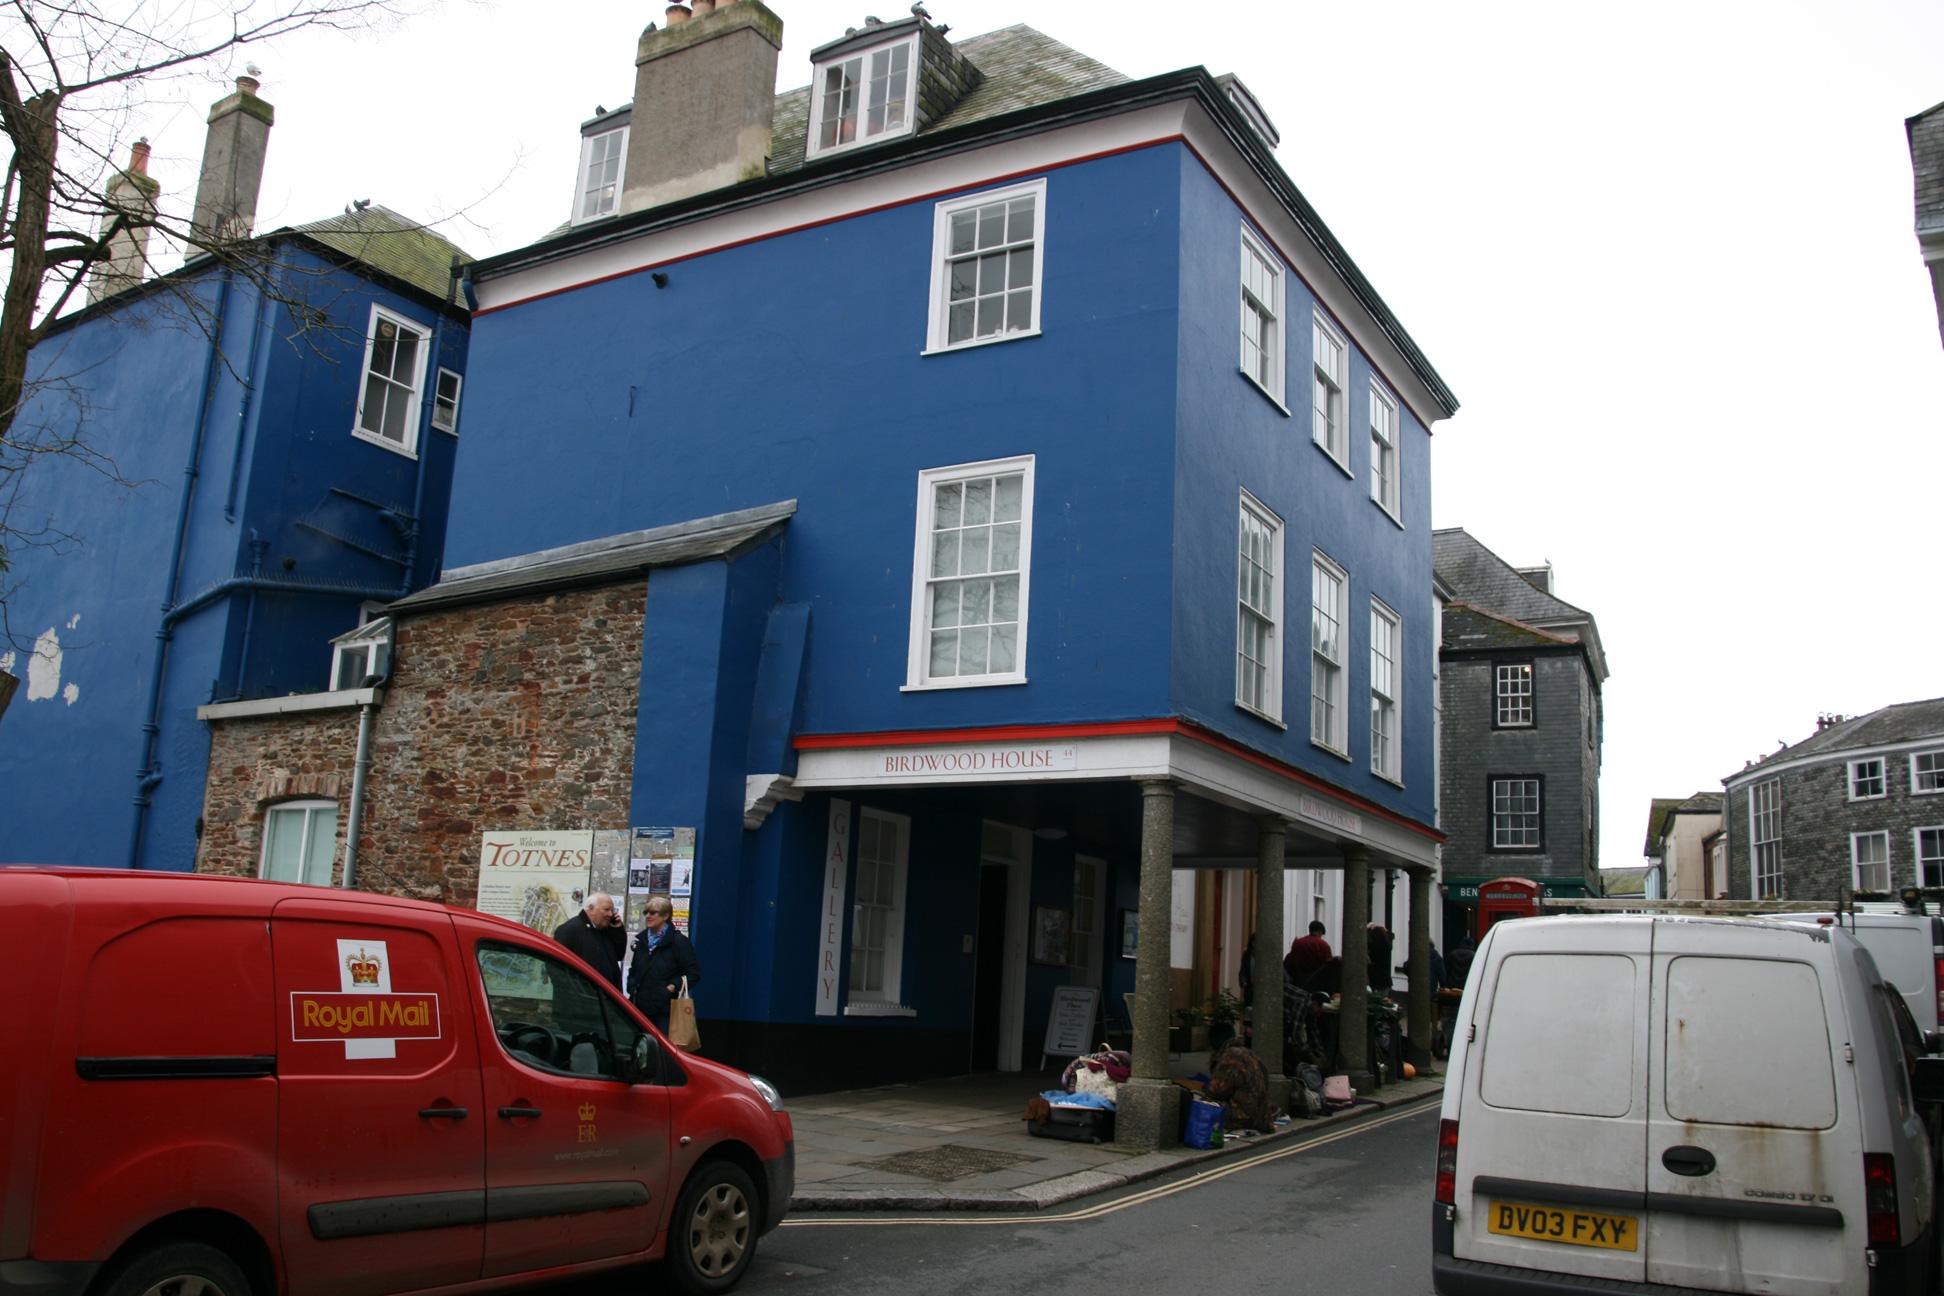 Birdwood House